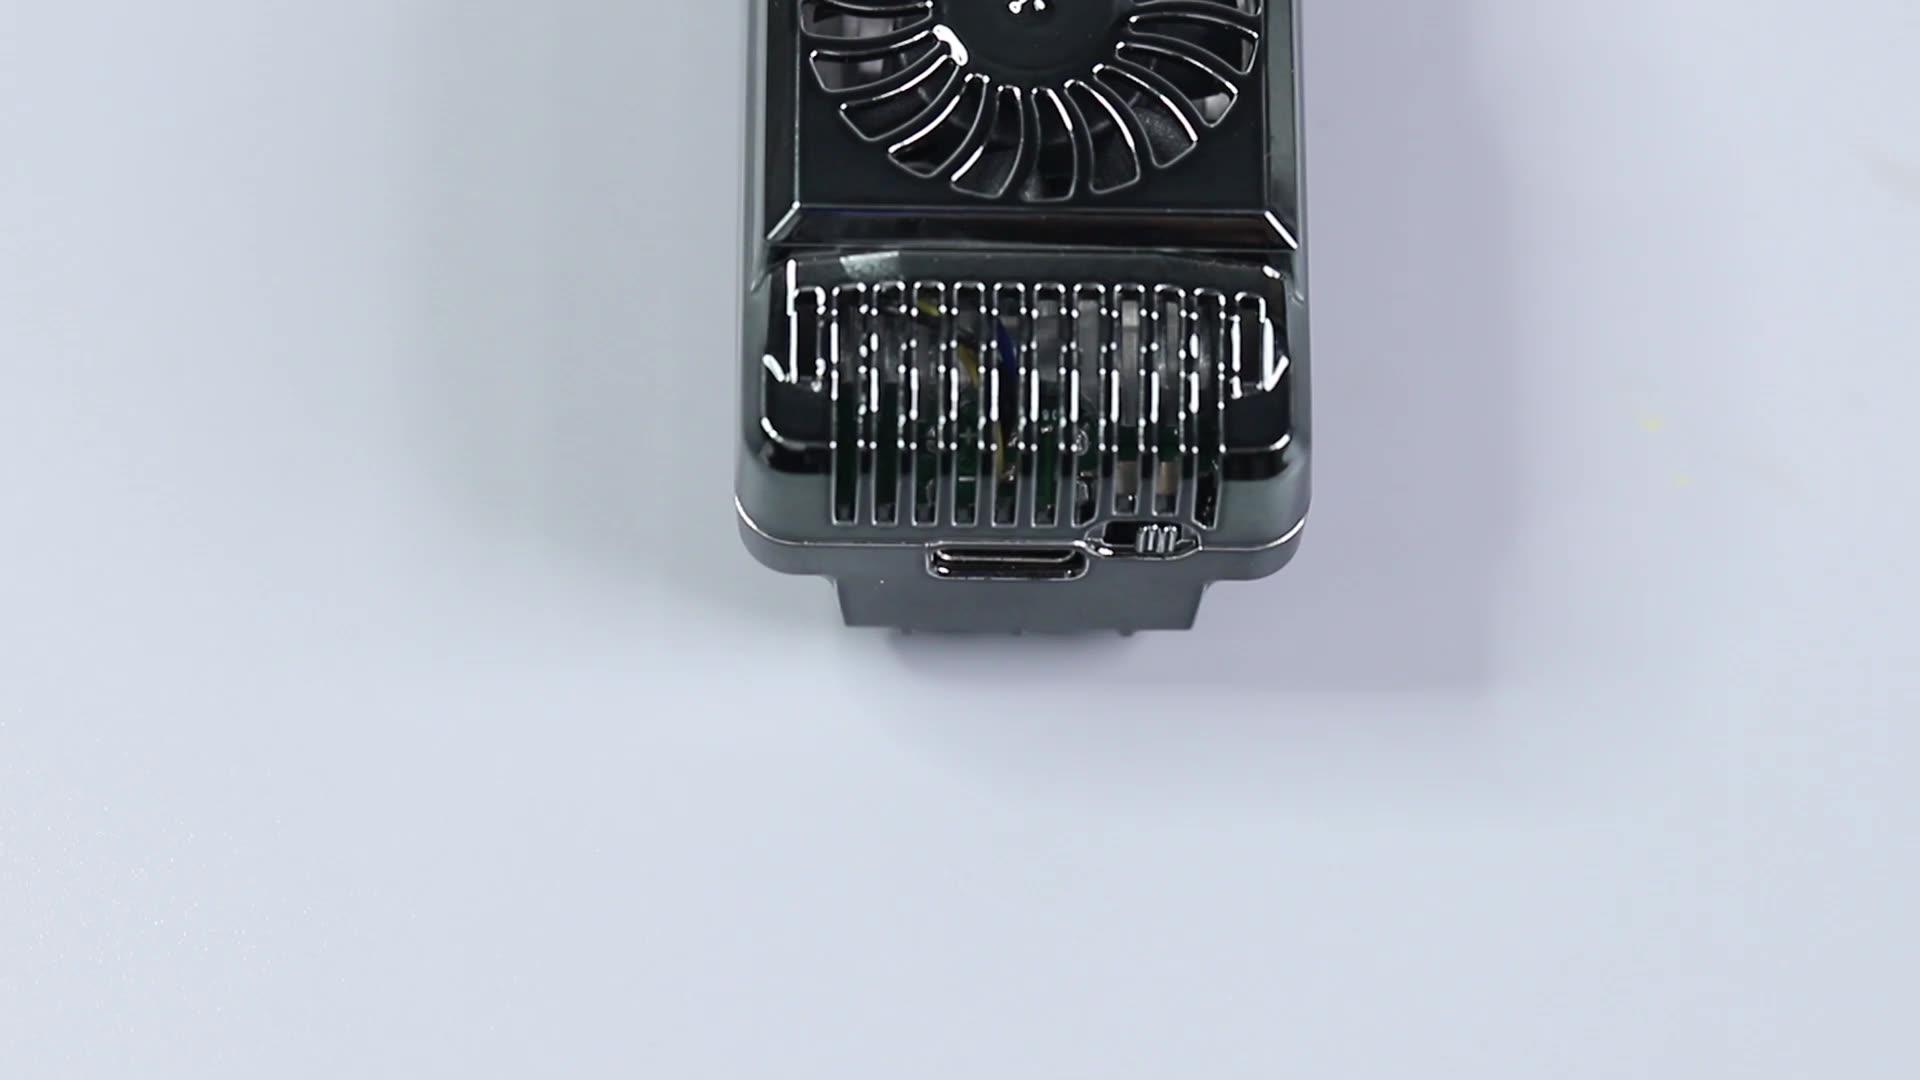 Laudtec для сотового телефона охладитель мини-usb Вентилятор охлаждения смартфон радиатора кулер для телефона Pad для Pubg игры вентилятор Cooler